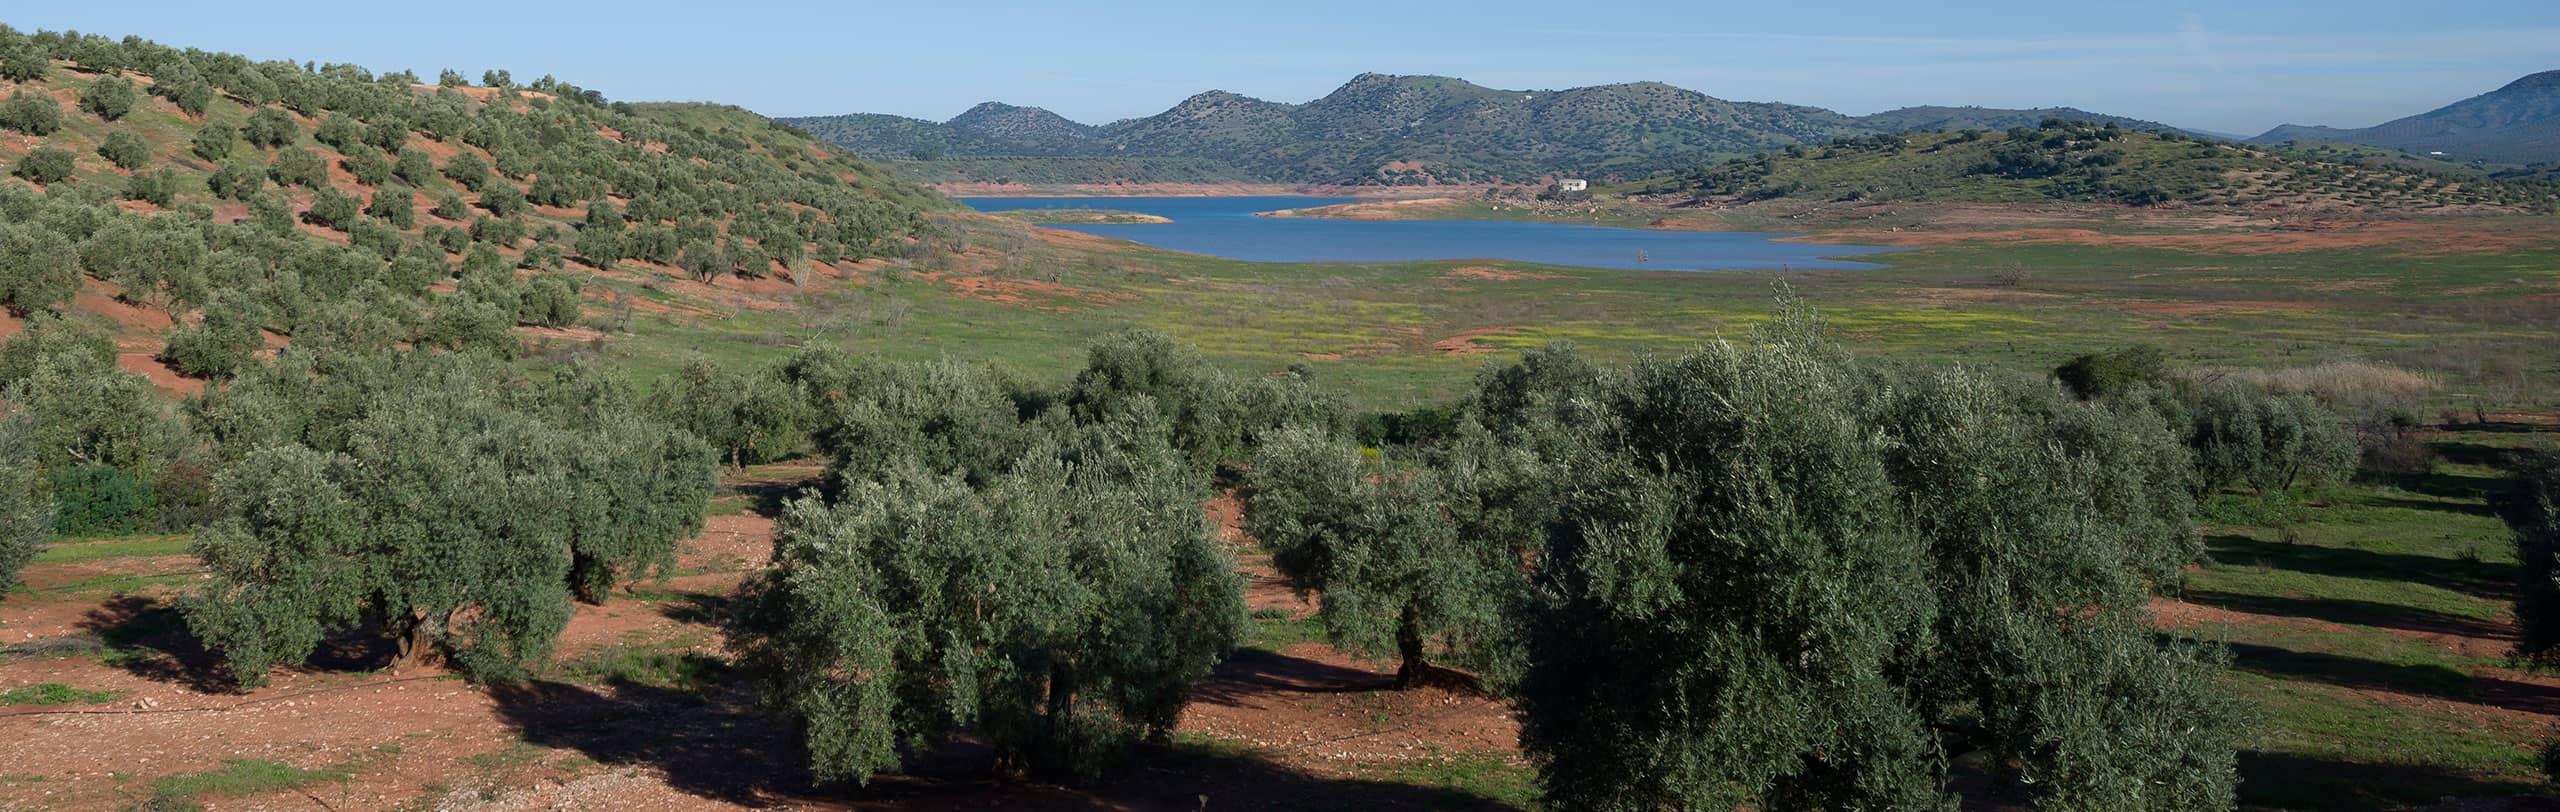 vista aérea de nuestra hacienda AOVE Vadolivo Sierra de Cazorla